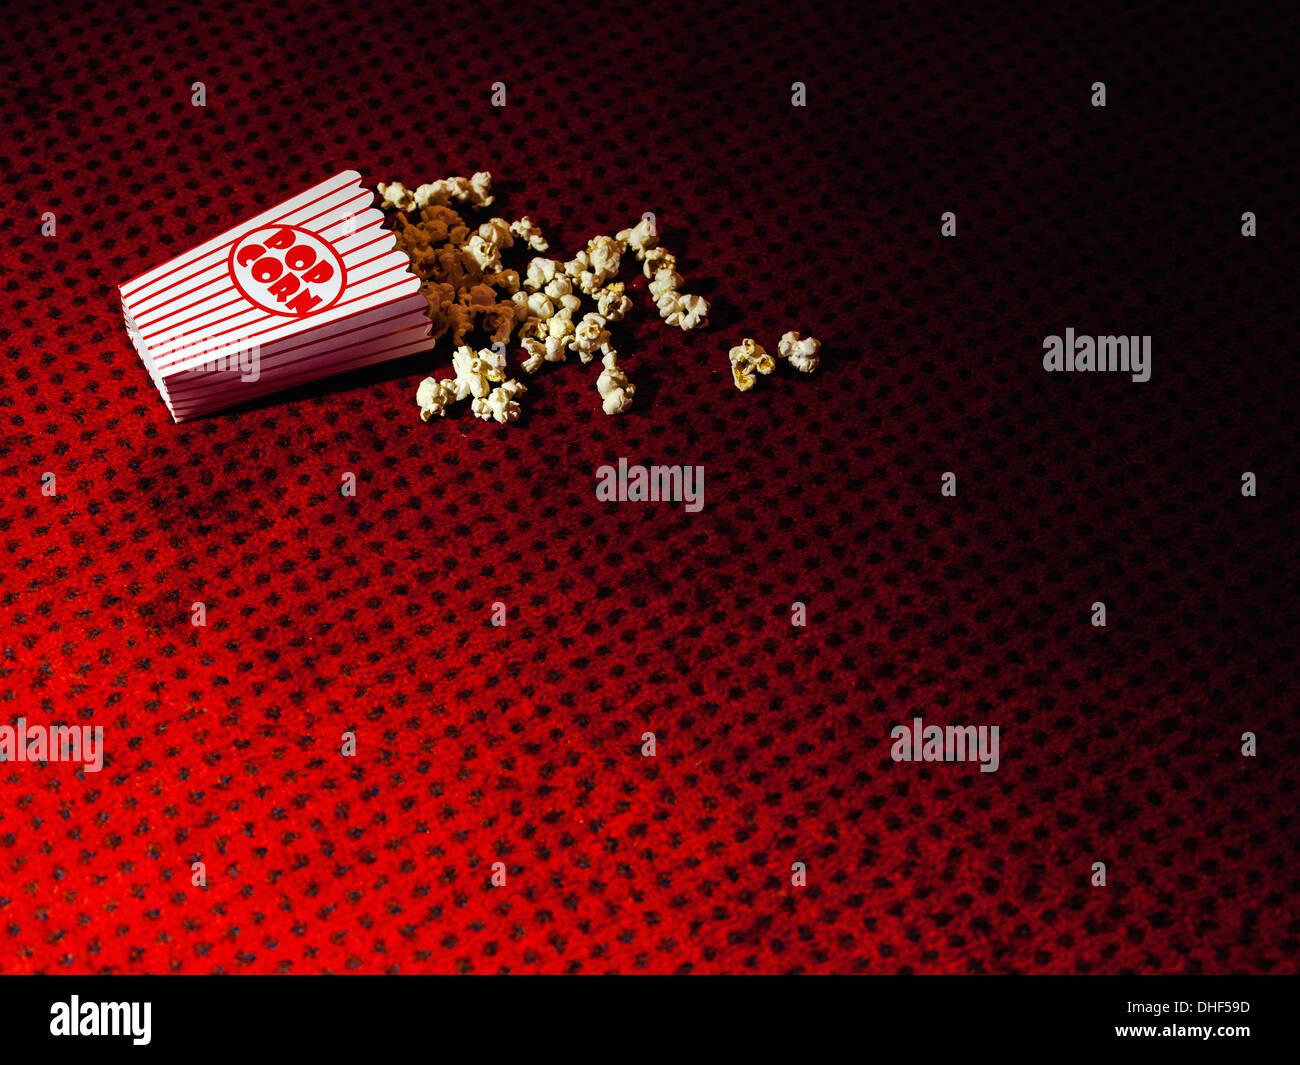 Eventuali fuoriuscite di cartone di popcorn sul tappeto del cinema Immagini Stock